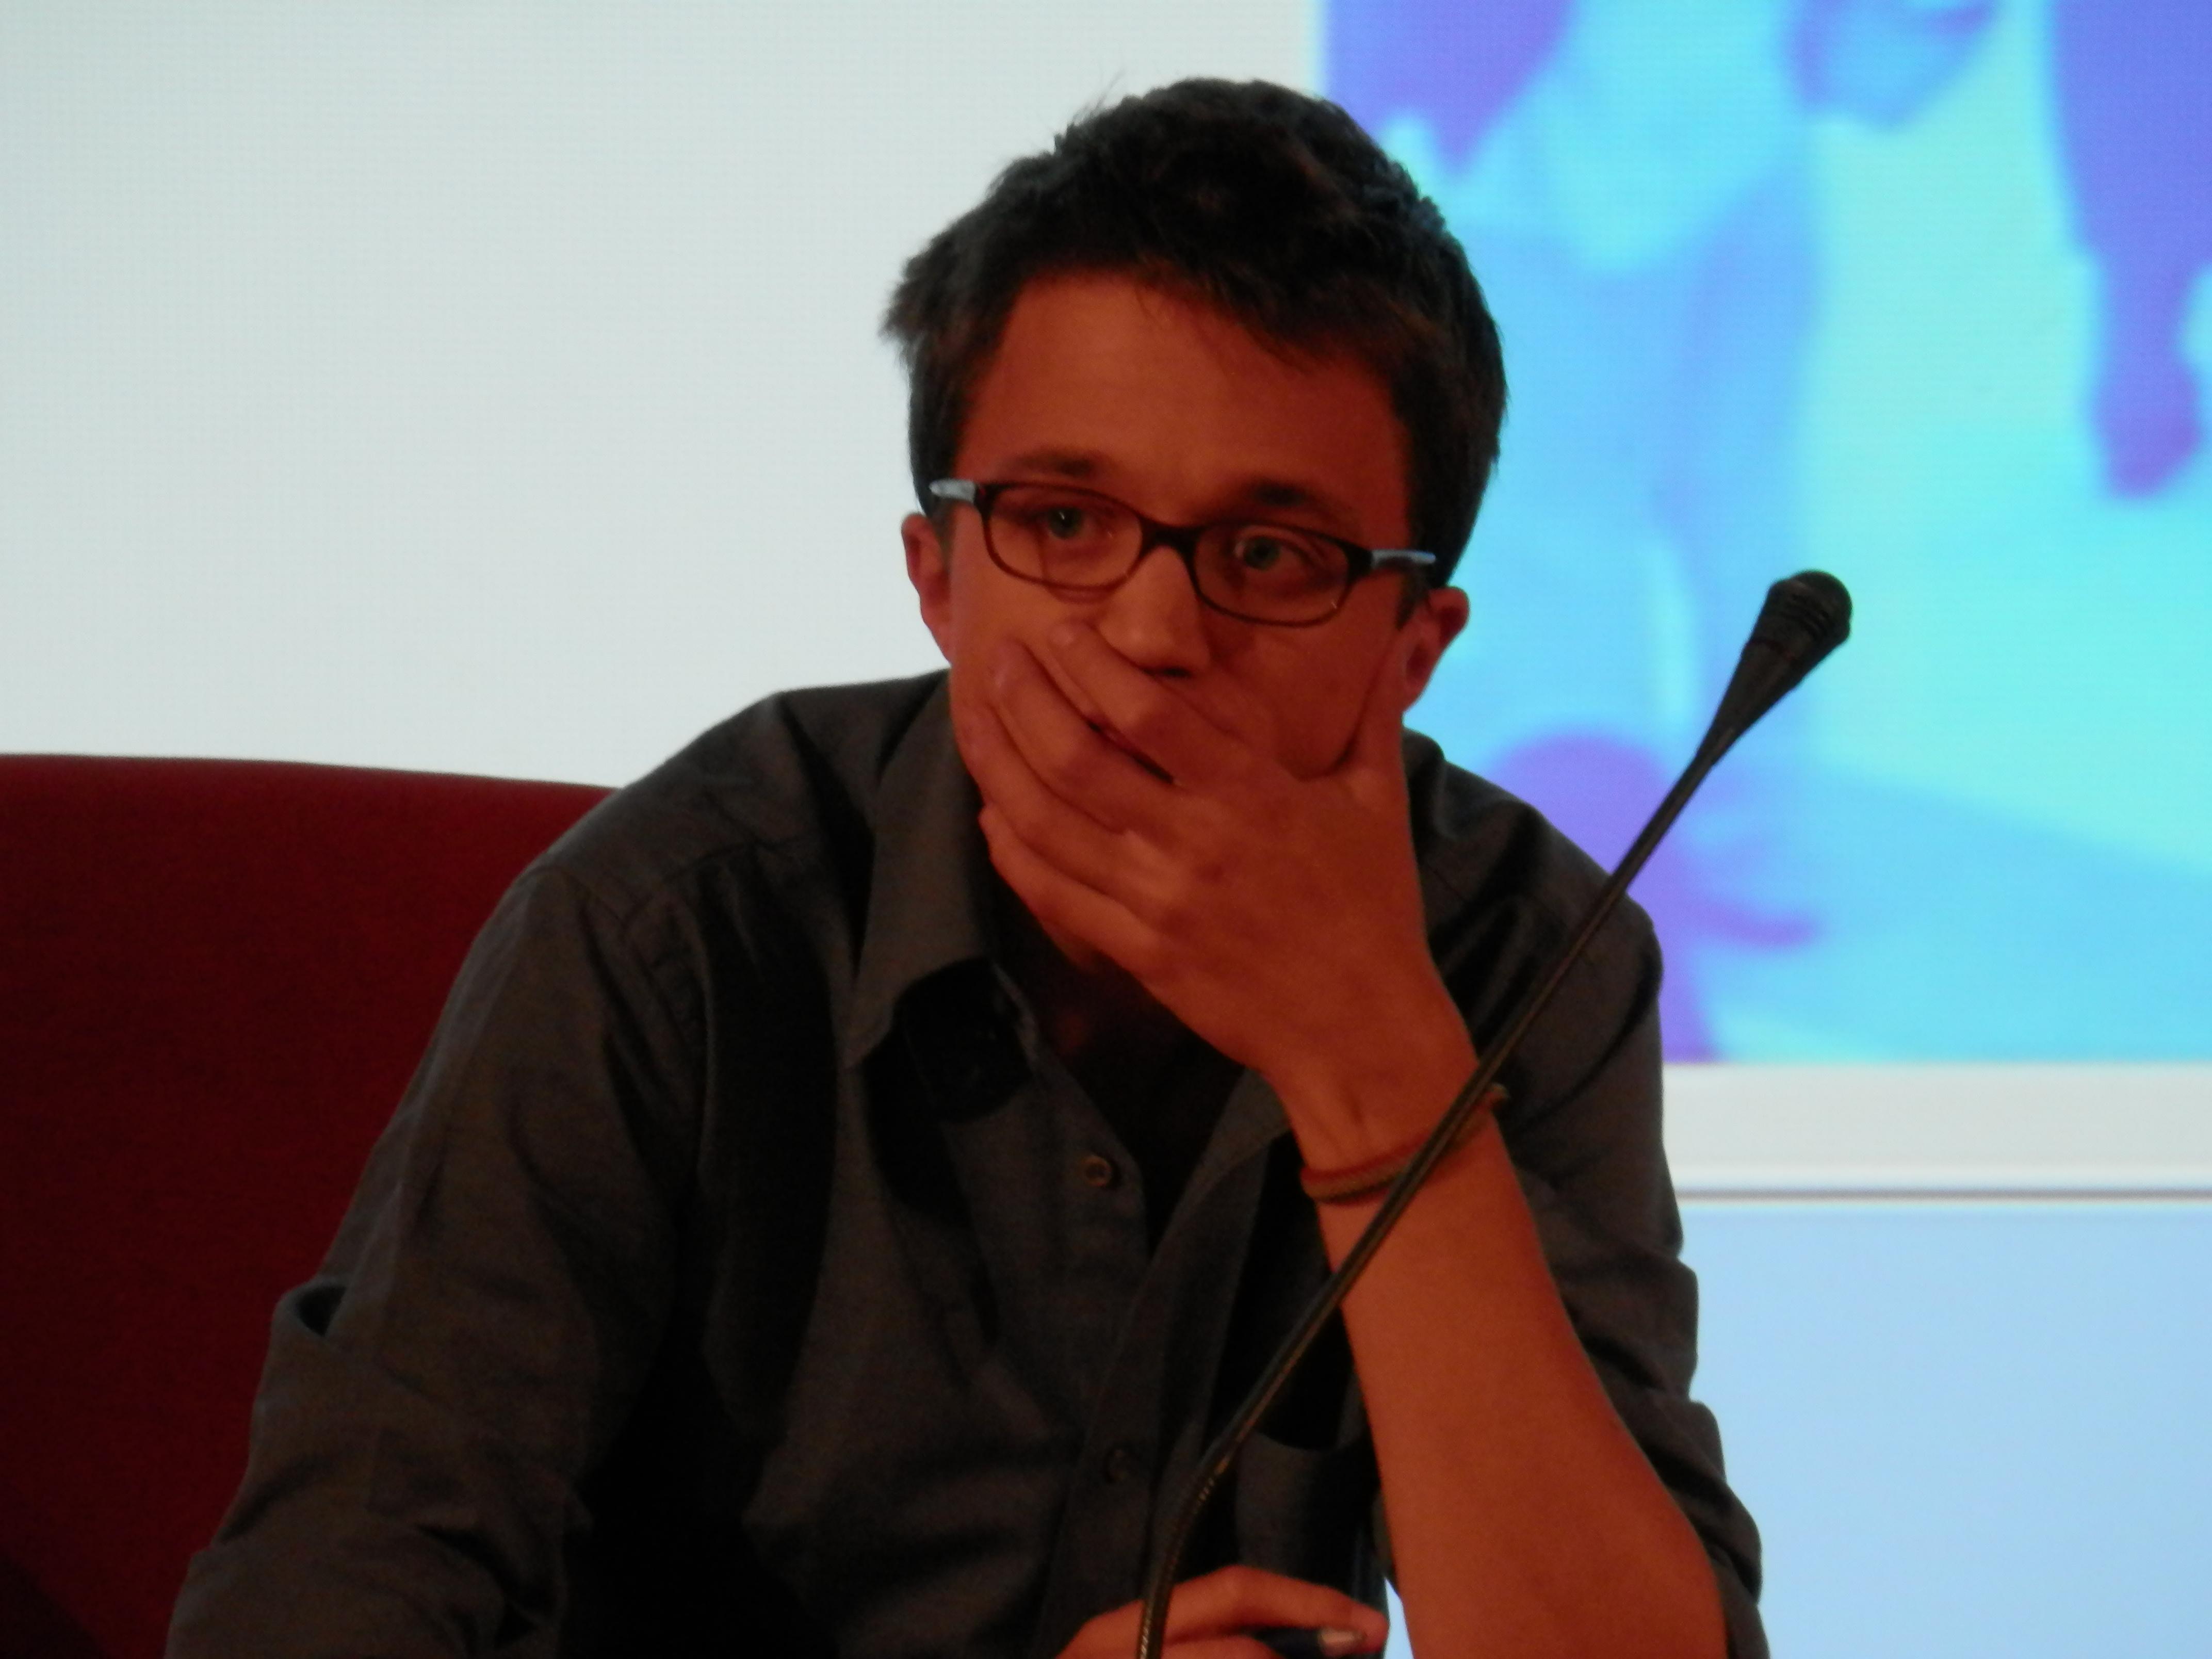 Errejón, en el salón de actos de la Facultad de Comunicación de la Universidad de Sevilla ©Mar Pino